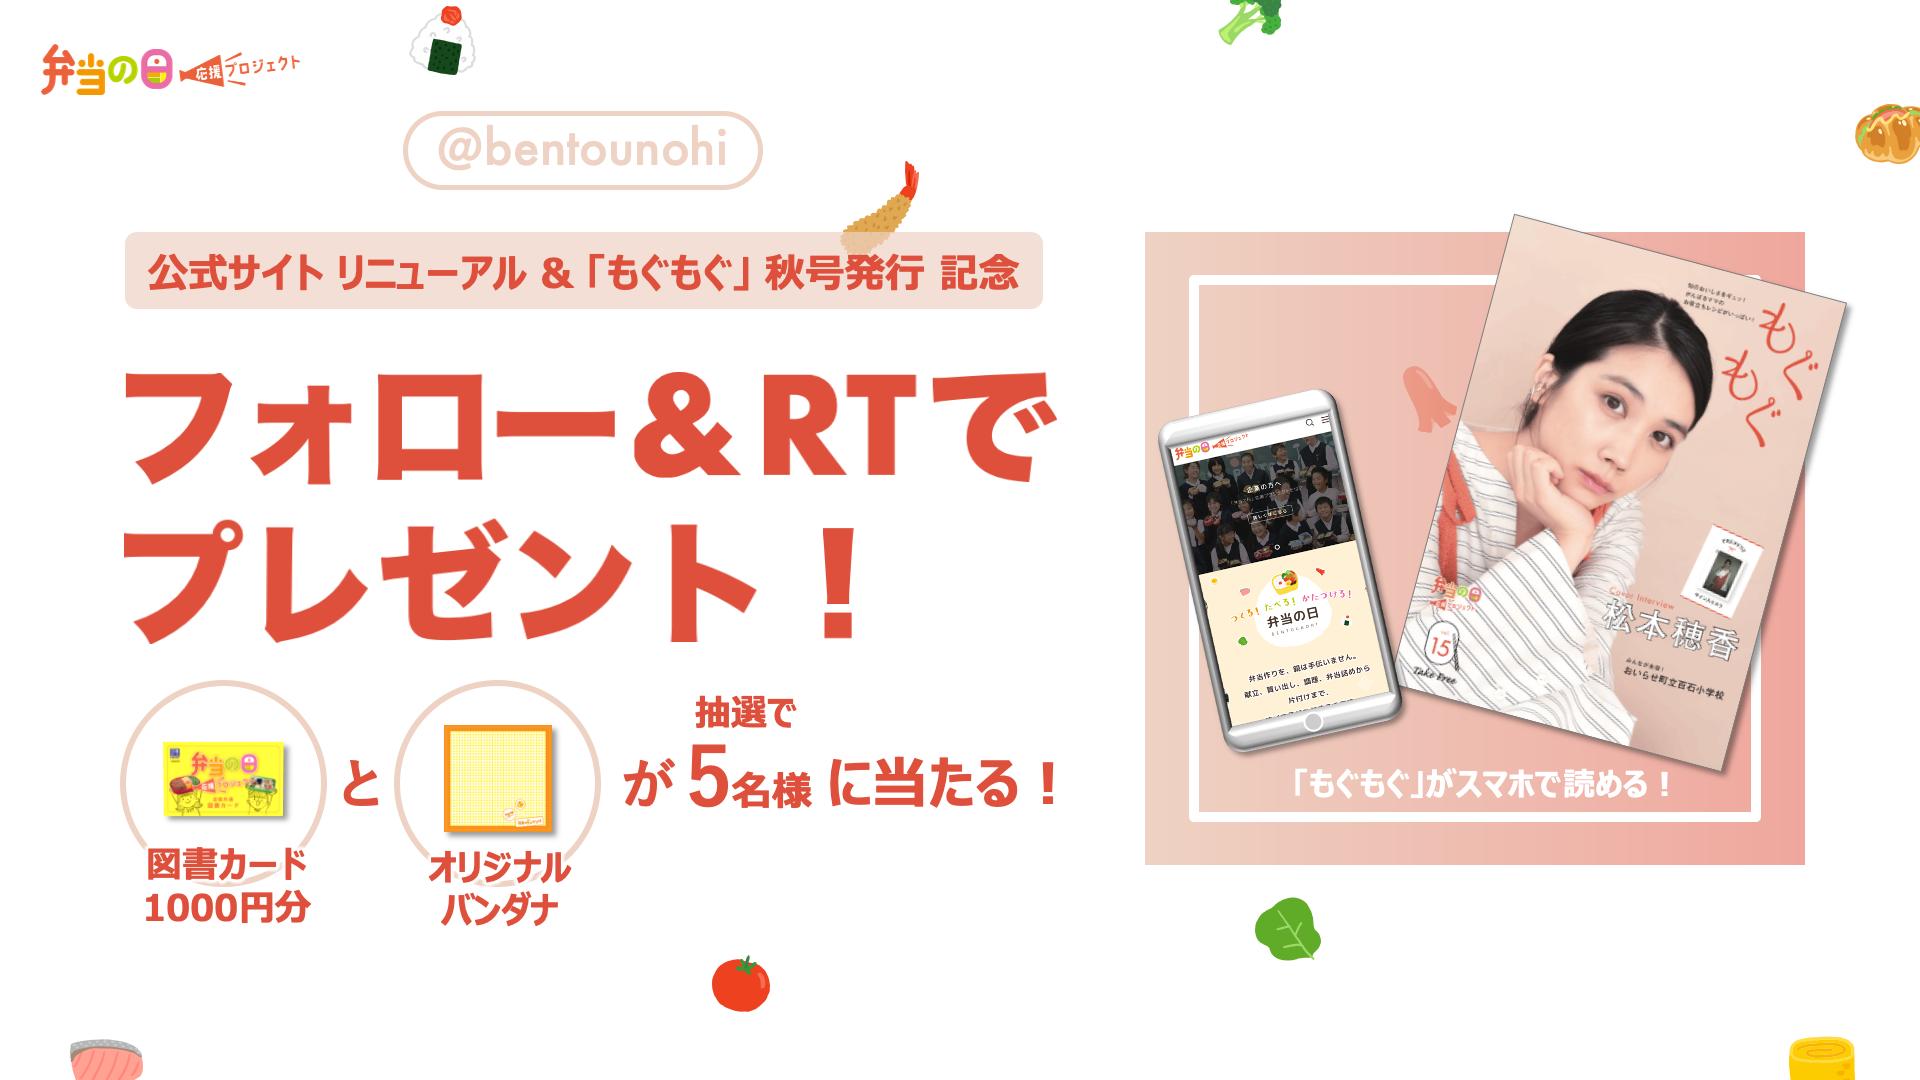 第1弾サイトリニューアル&「もぐもぐ」秋号発行記念 2020年秋 Twitter キャンペーン